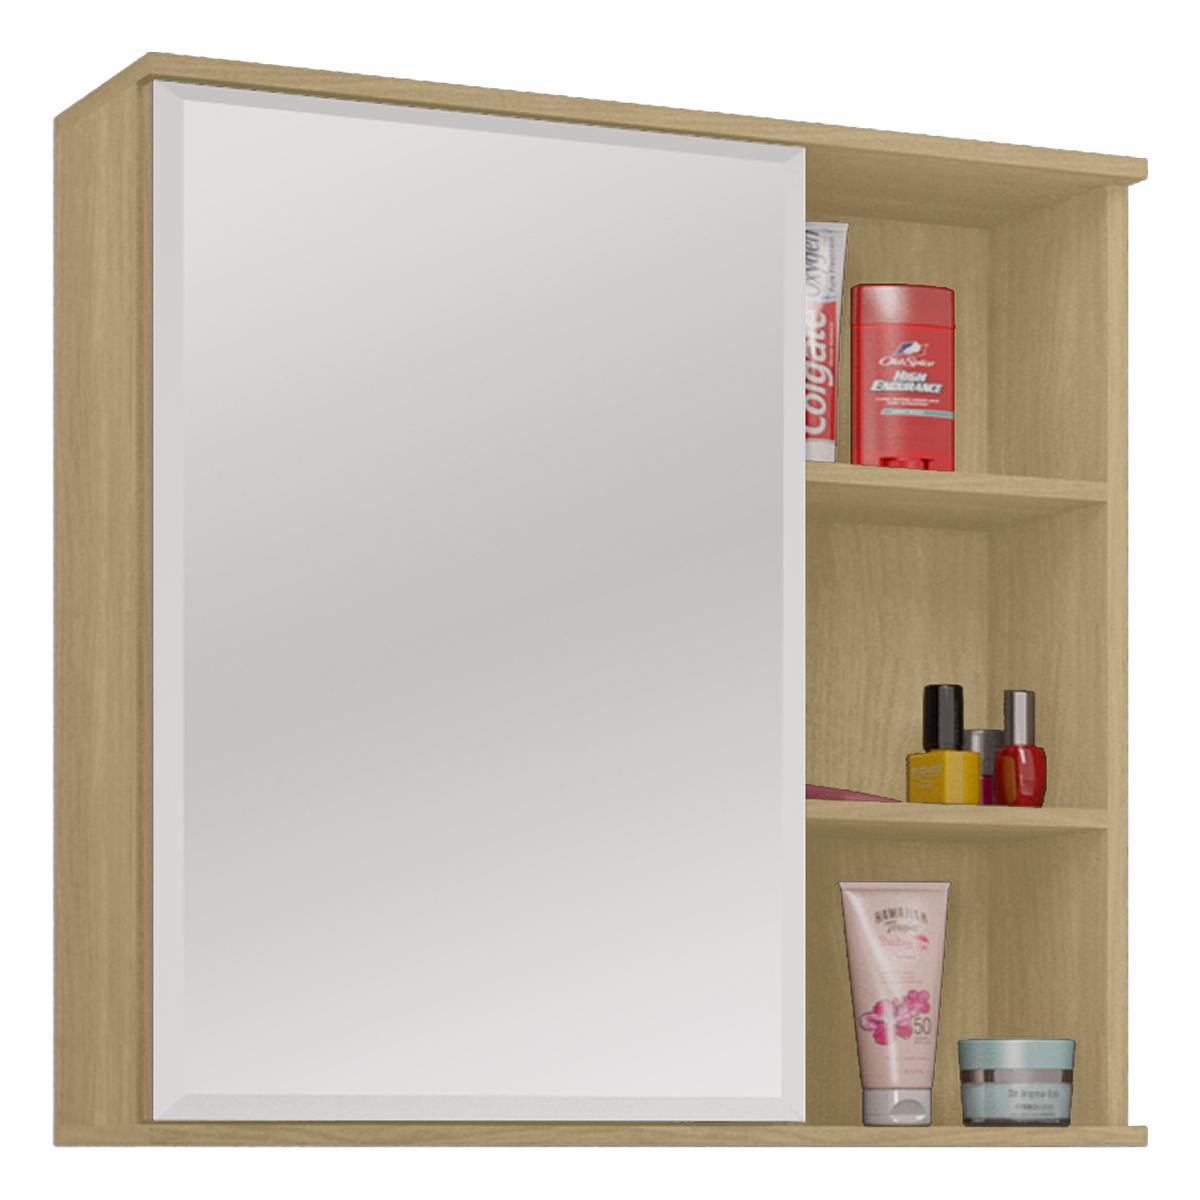 Espelheira para banheiro Treviso Nogueira - Mgm